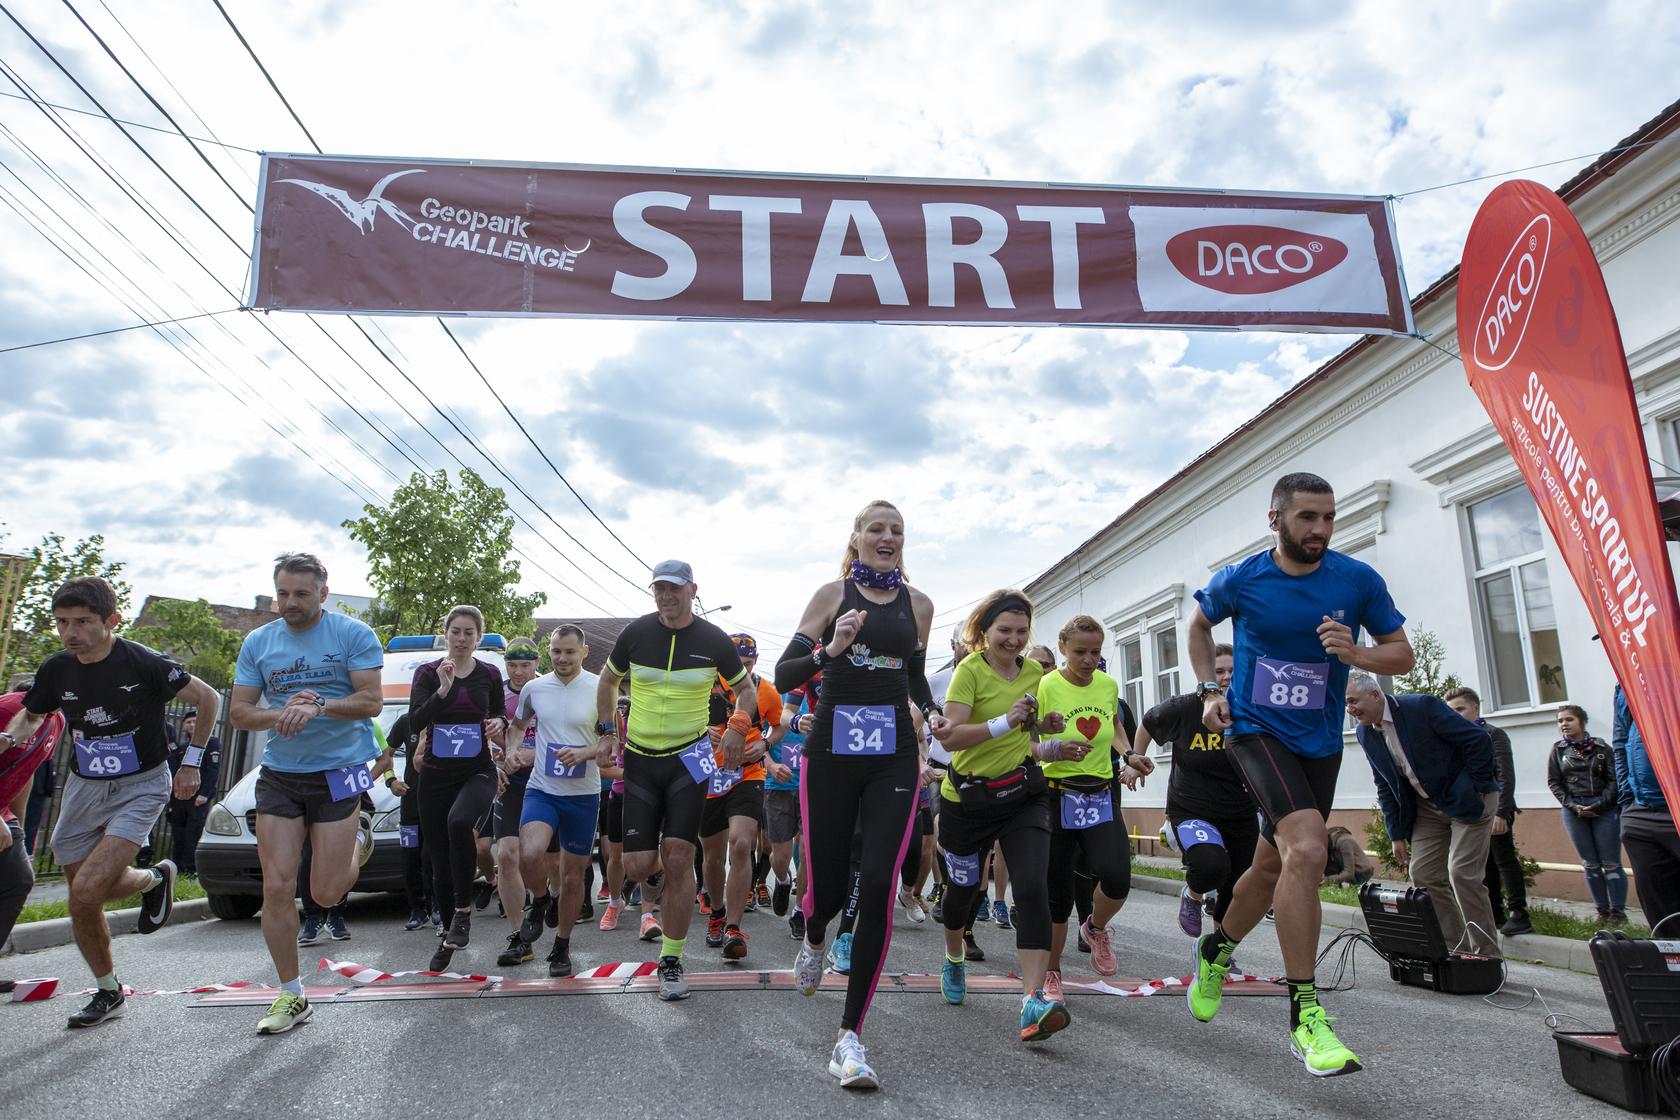 Geopark Challenge - Semimaratonul cetăților din Țara Hațegului 2019